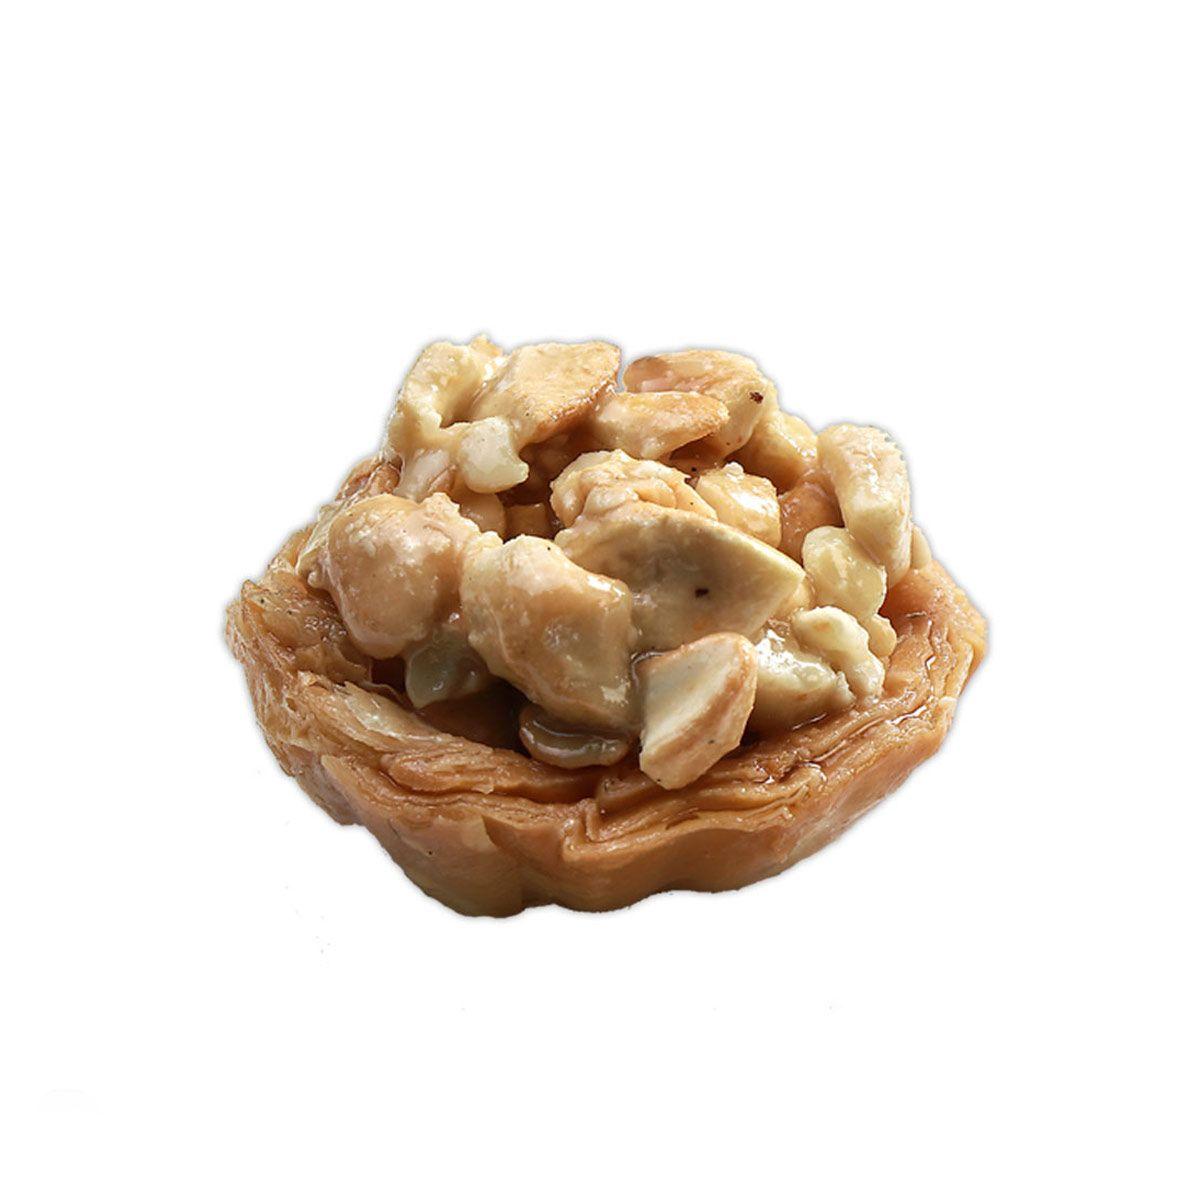 Cashew Tart Baklava